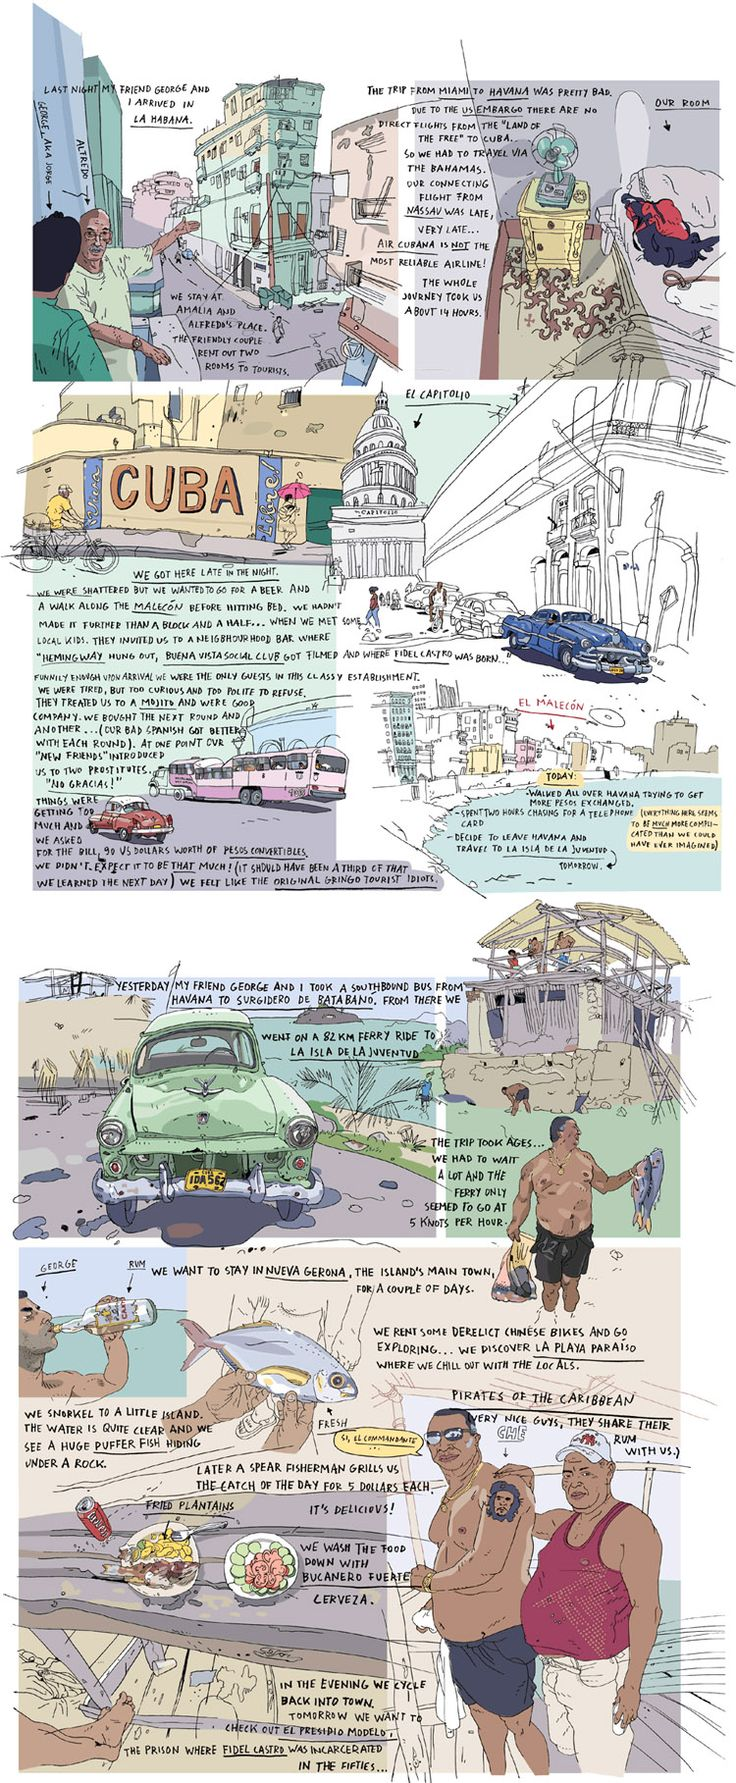 Travel Journal - Olivier Kugler - Cuba    http://www.olivierkugler.com/